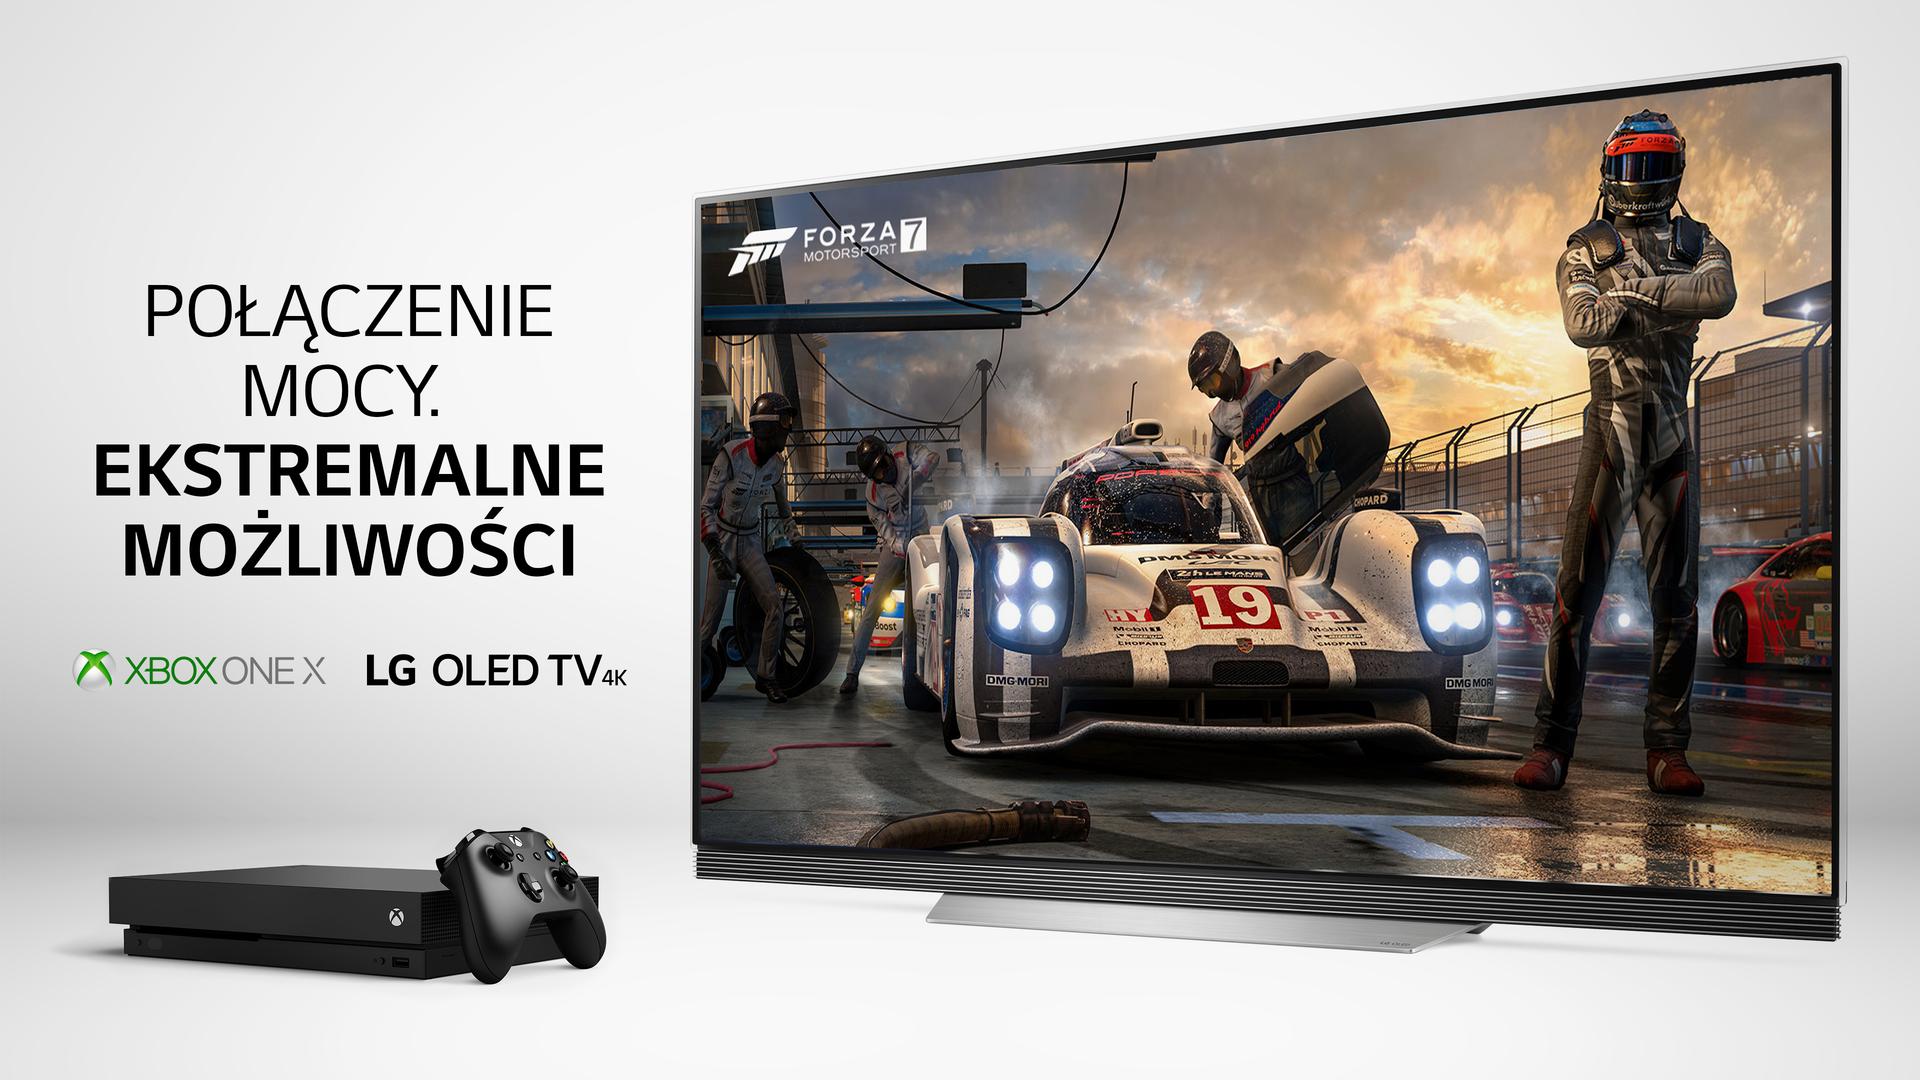 Strategiczne partnerstwo LG i Microsoft w obszarze gamingu i rozrywki domowej